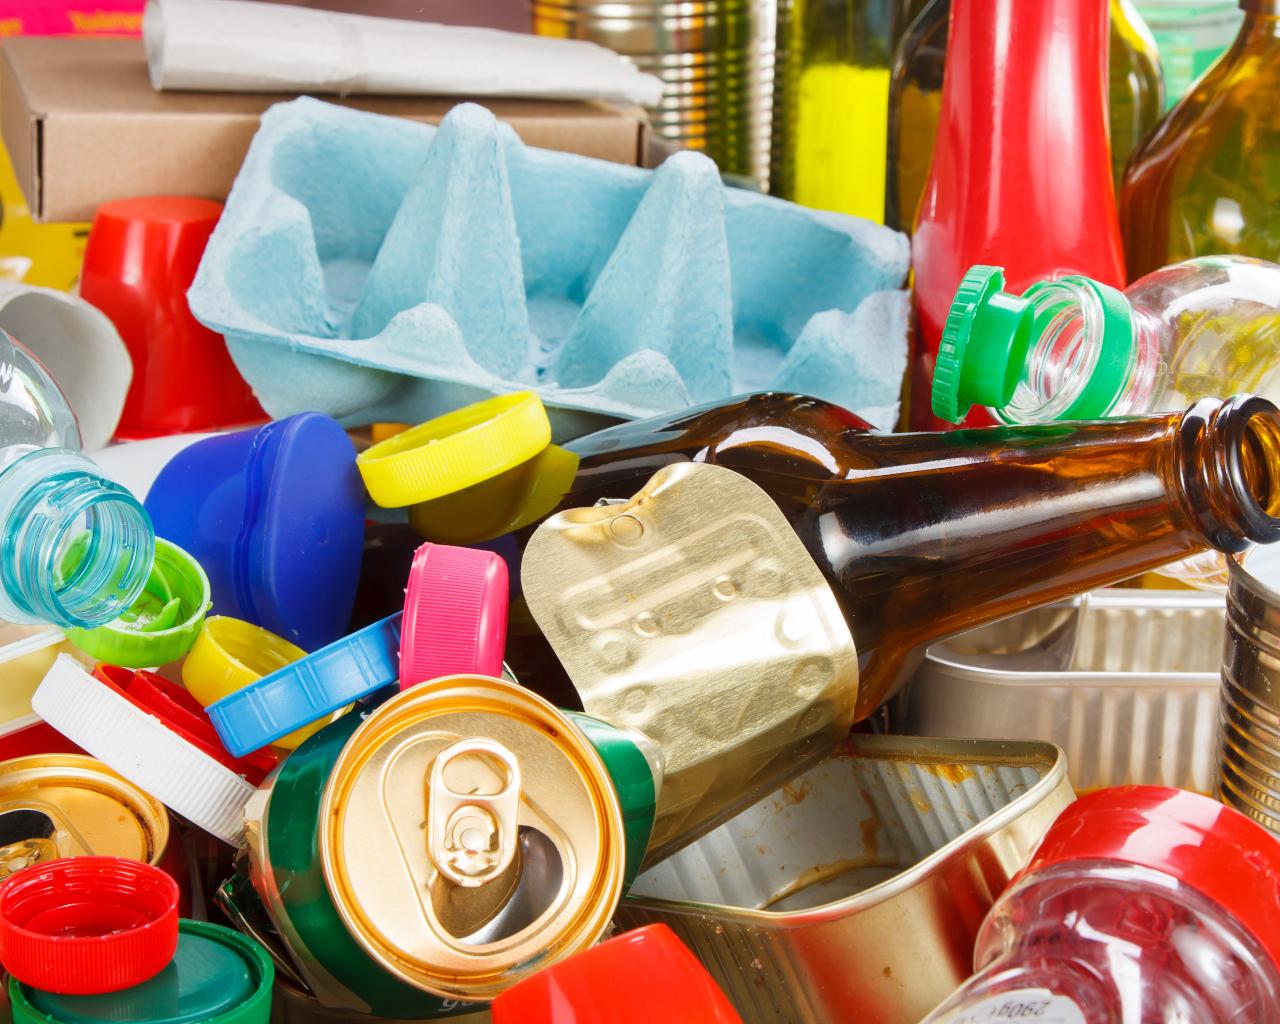 Ανακύκλωση Απόβλητων Συσκευασίας - Aegean Recycling Εταιρεία Ανακύκλωσης & Επεξεργασίας Αποβλήτων Αστικού & Βιομηχανικού Τύπου